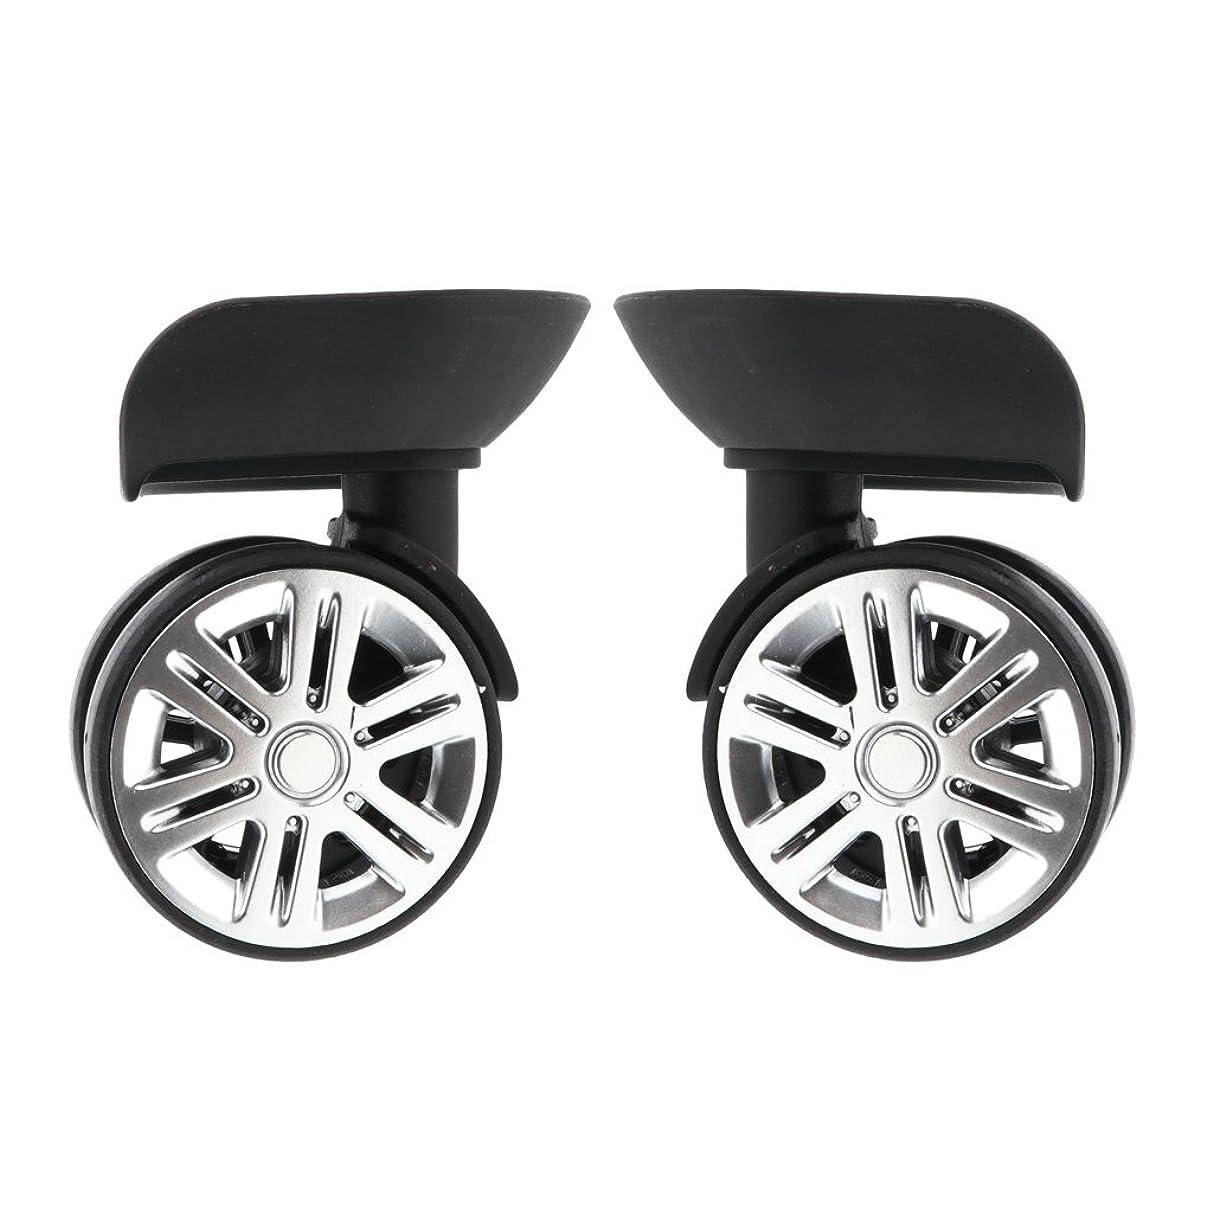 数値オリエント眠っている交換キャスター スーツケース用 ホイール 1ペア 回転 荷物 静音 外径60mm 車輪部品 全2サイズ選択 - 小さいサイズ